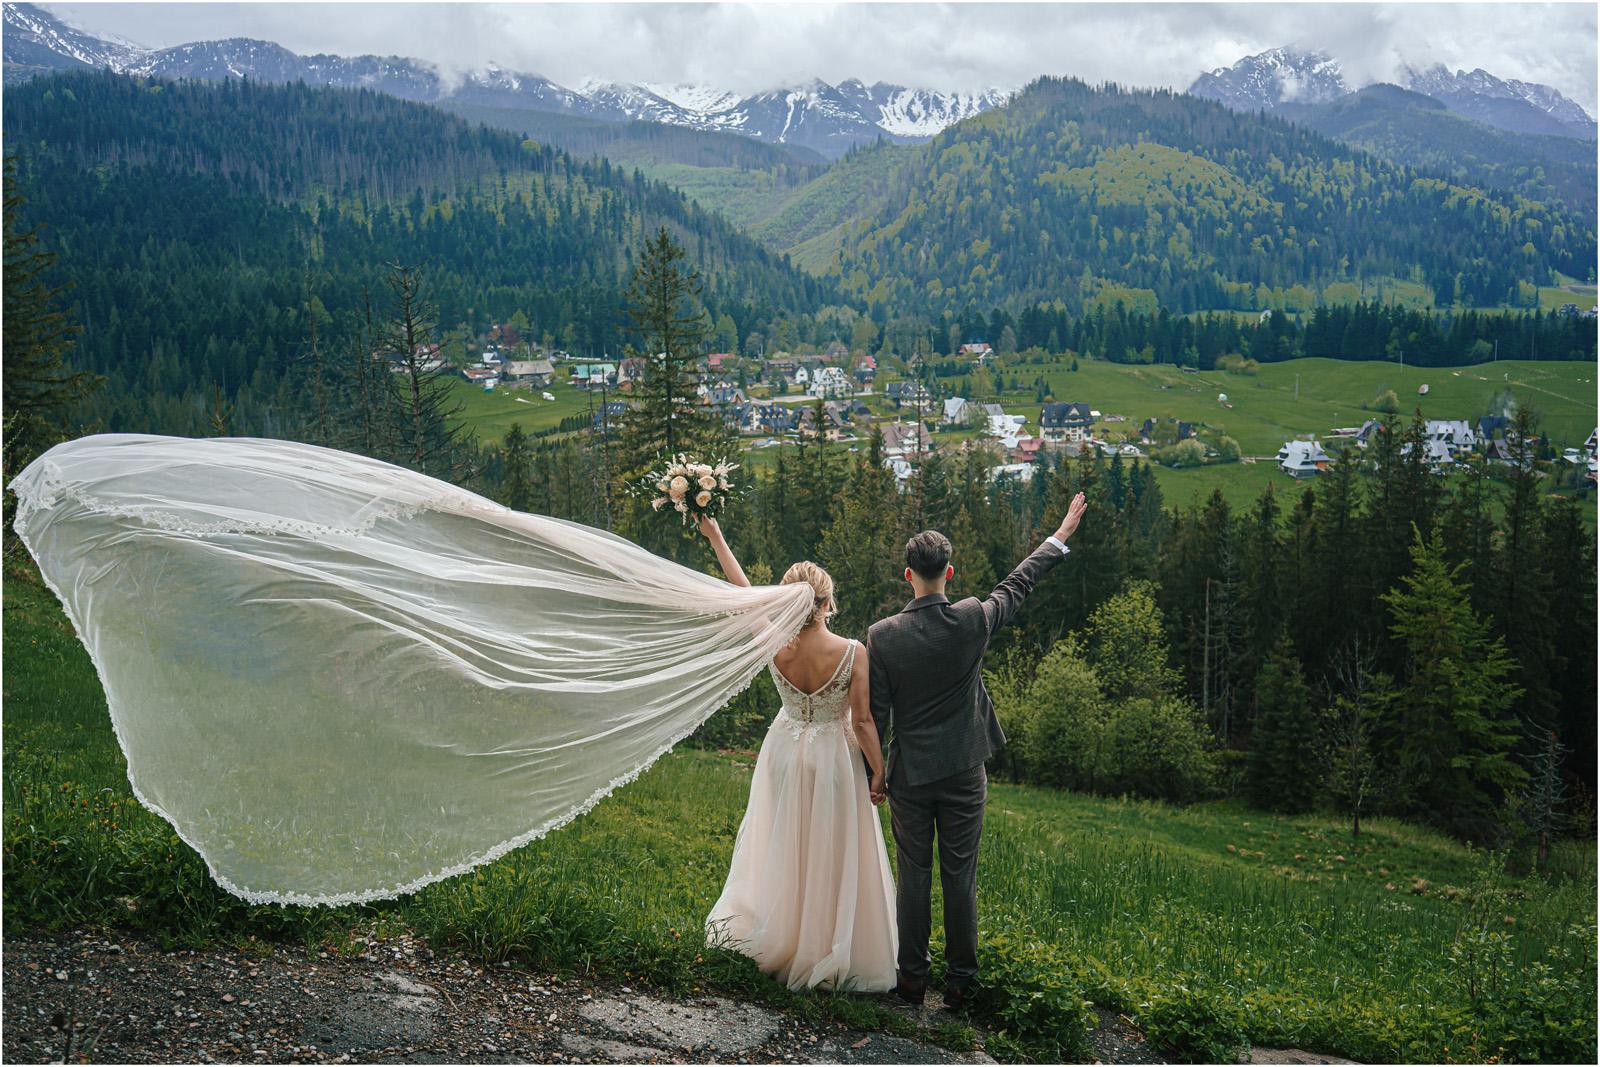 Amanda & Błażej | ślub i sesja w górach 51